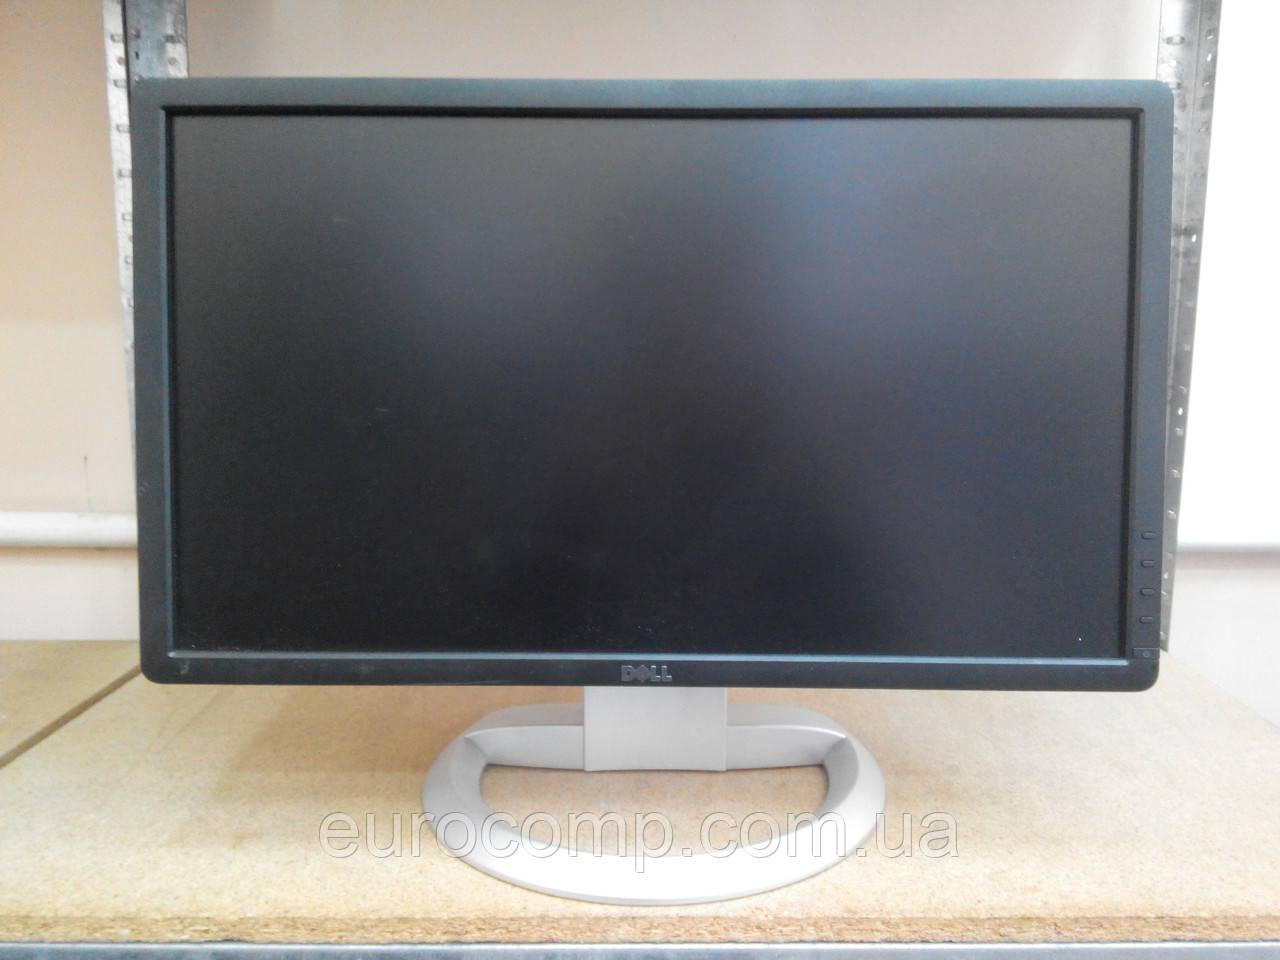 Профессиональный монитор для графики, игр, фото, CAD. IPS LED матрица 23'' дюйма (Dell U2312H)